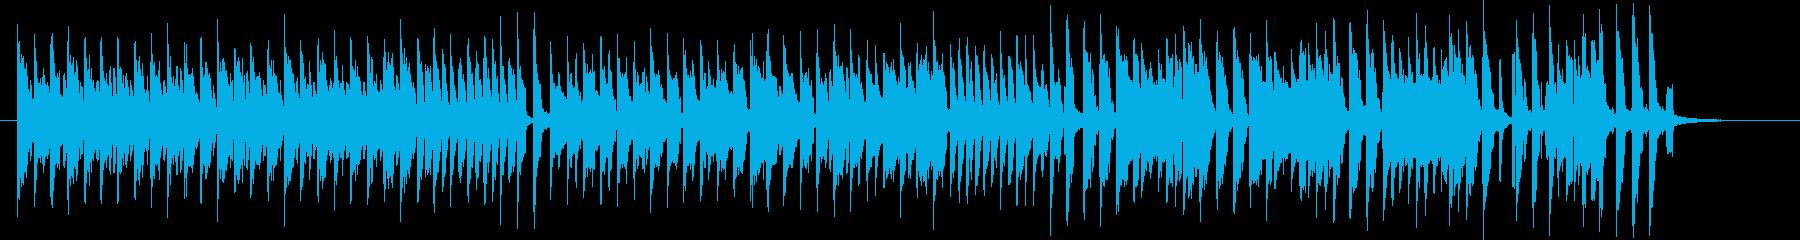 ブラームスハンガリー舞曲第5番 8bitの再生済みの波形